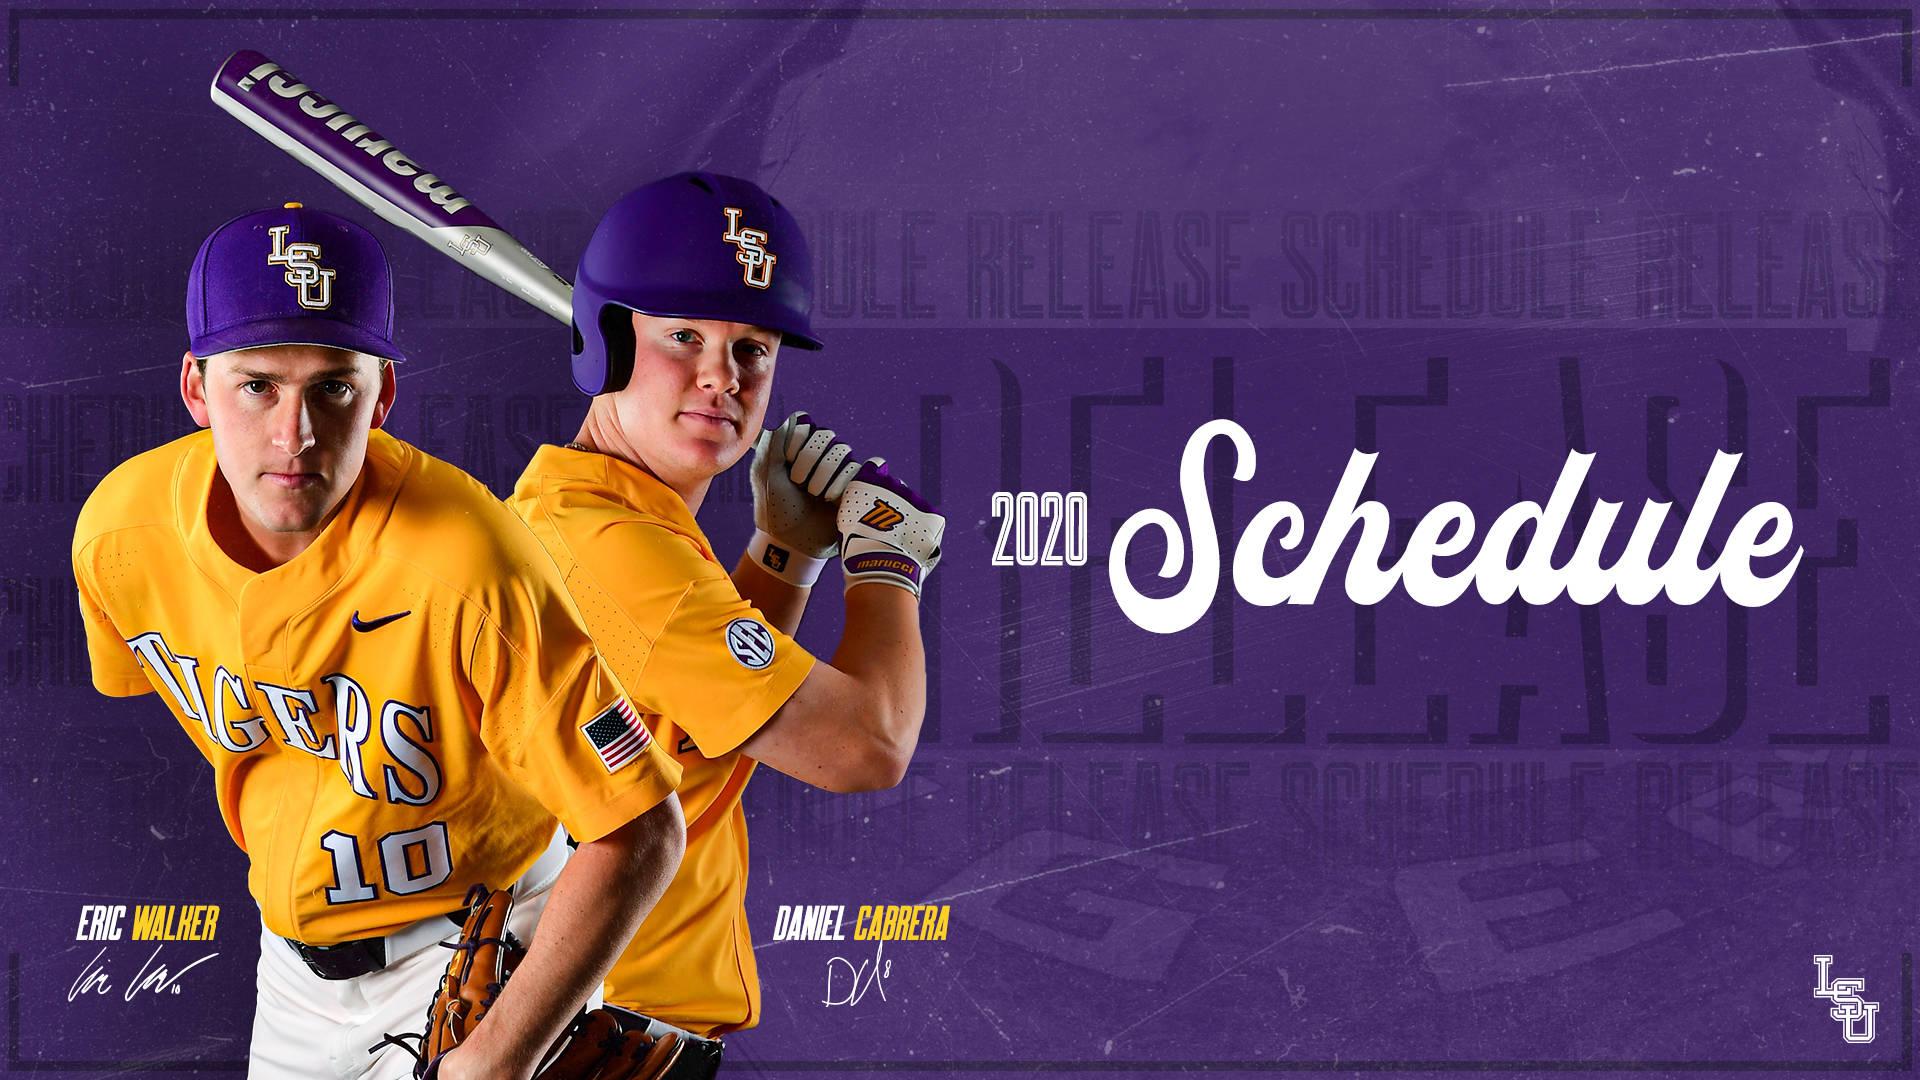 Lsu Reveals 2020 Baseball Schedule - Lsu Tigers